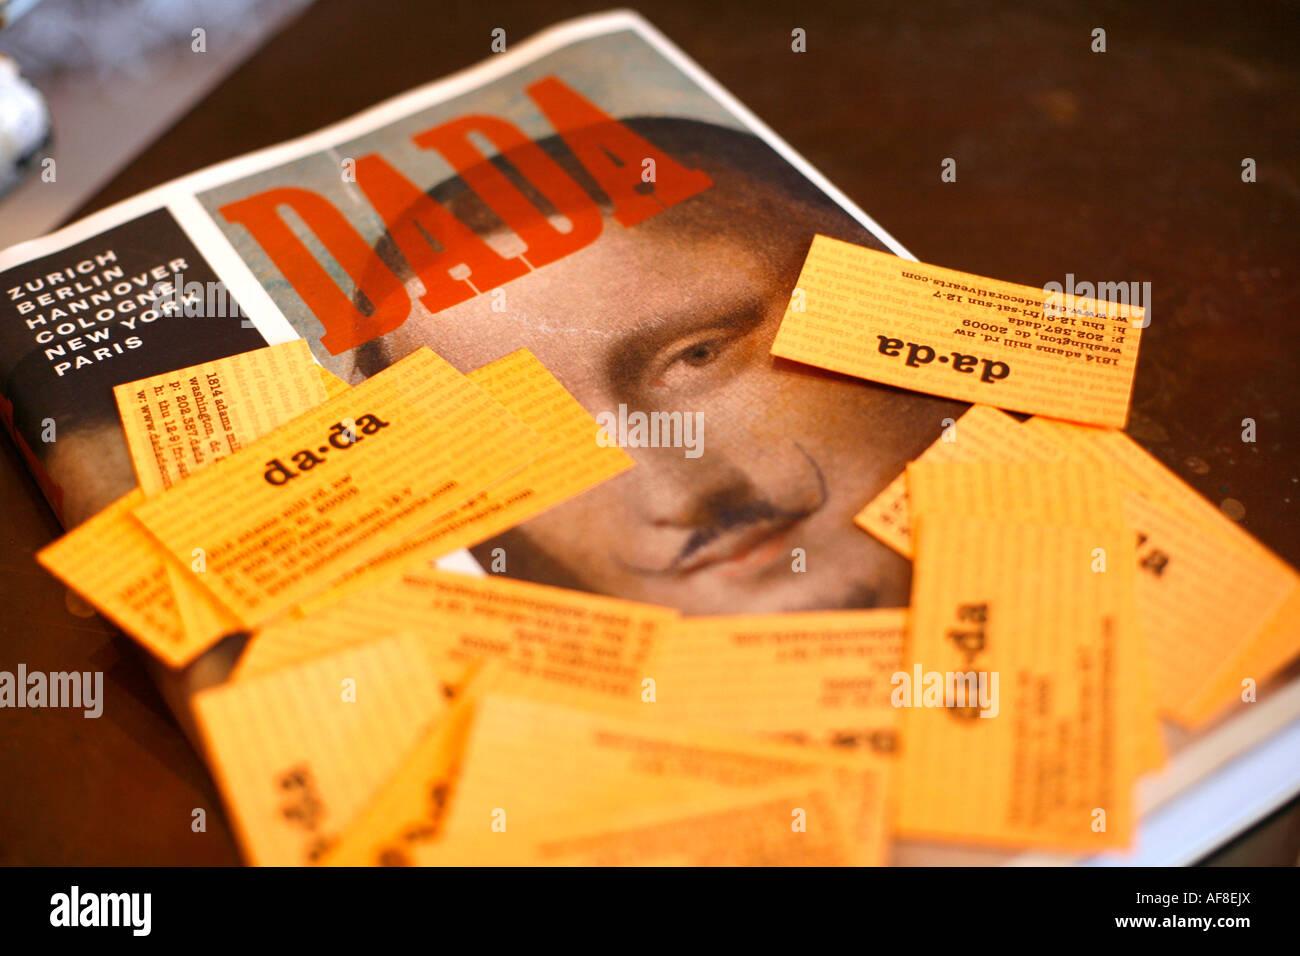 Des cartes de visite d'une boutique d'antiquités, Dada Antiquités, Washington DC, United States, Photo Stock